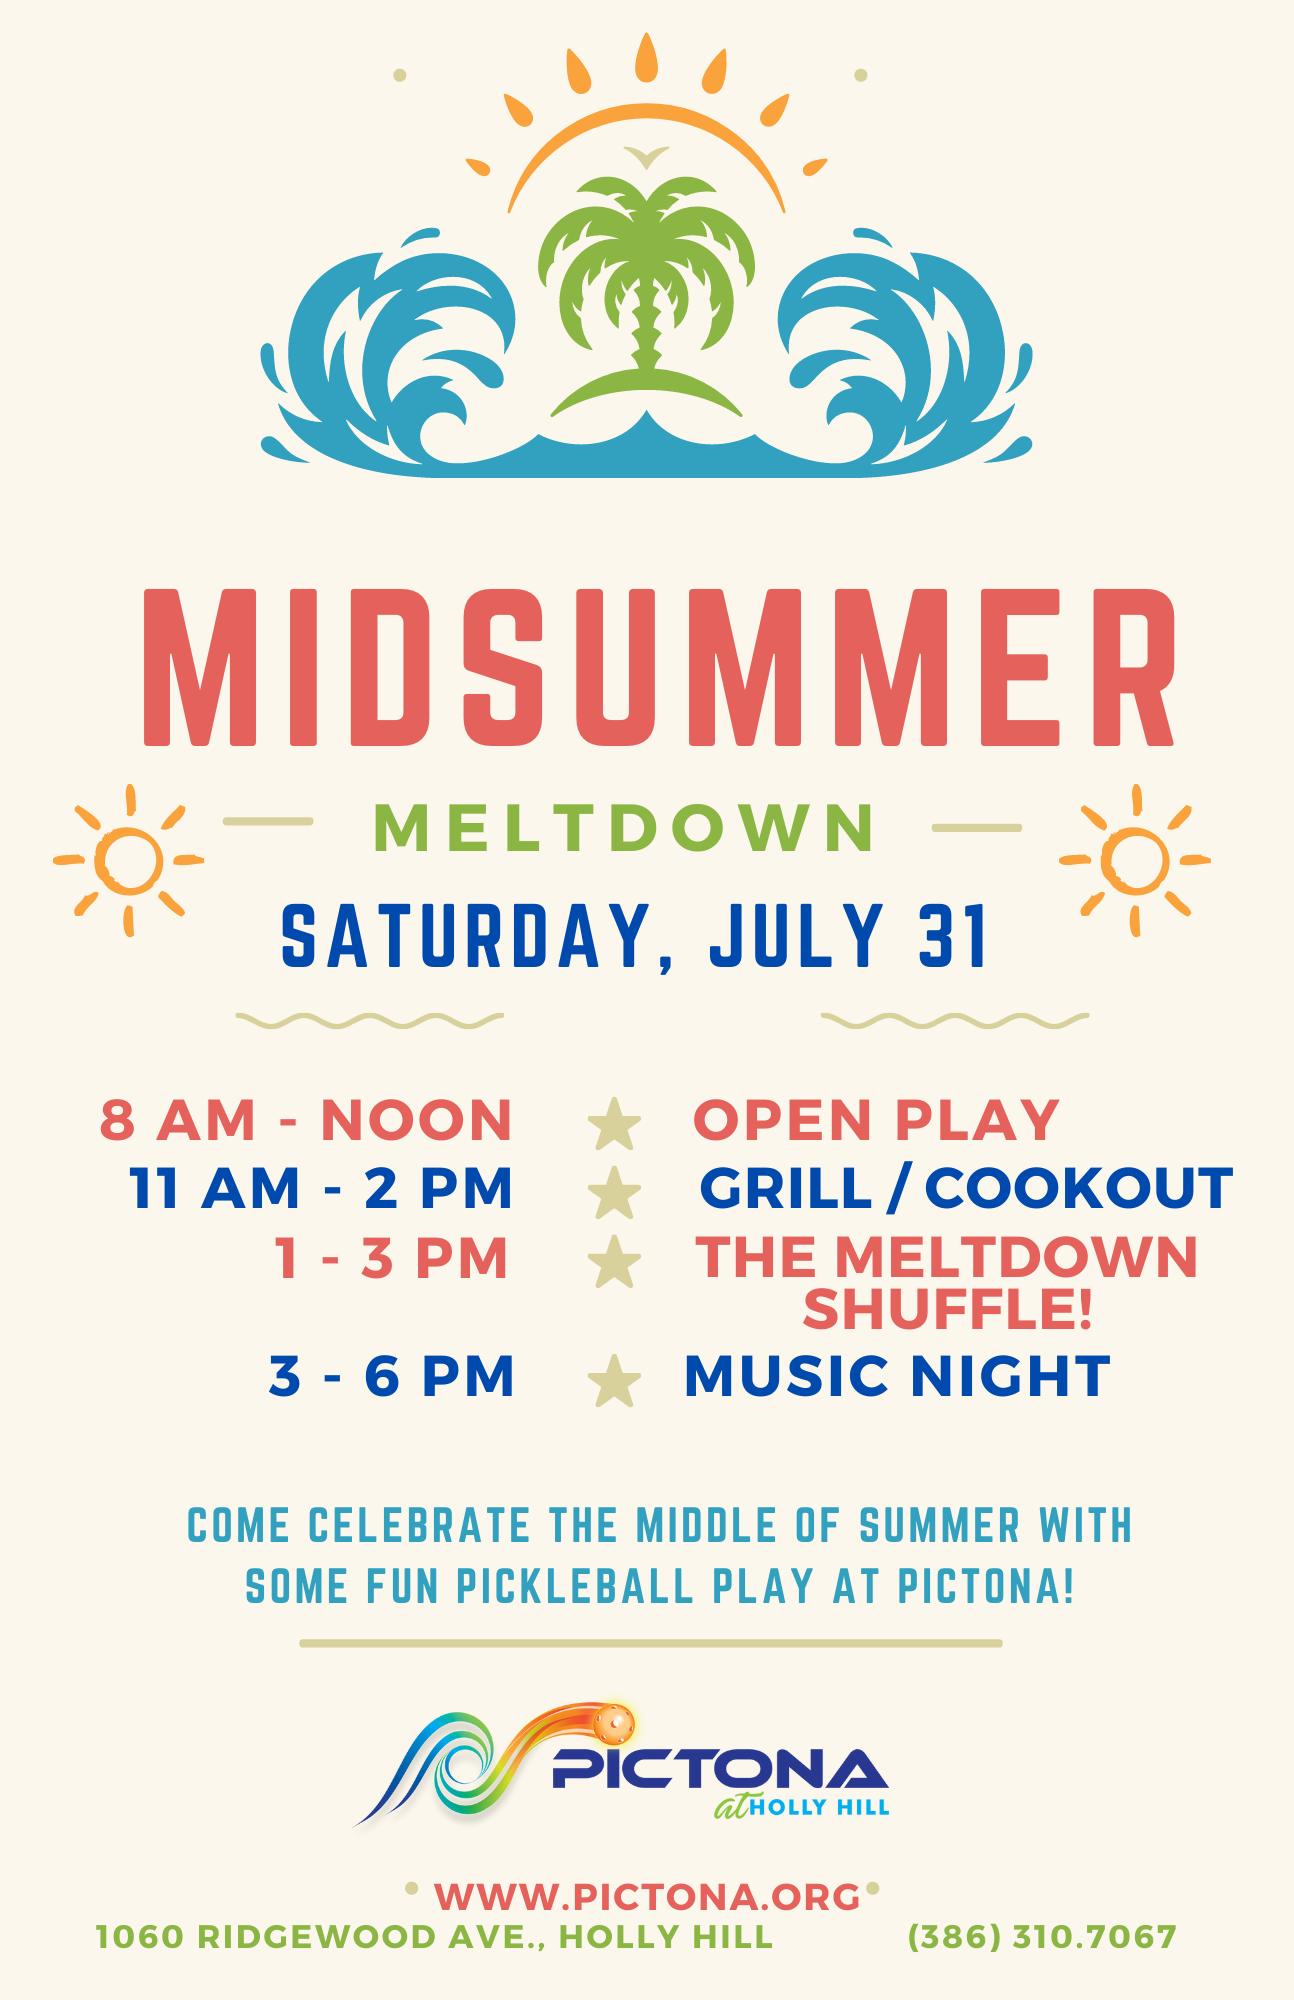 Midsummer Meltdown Flyer